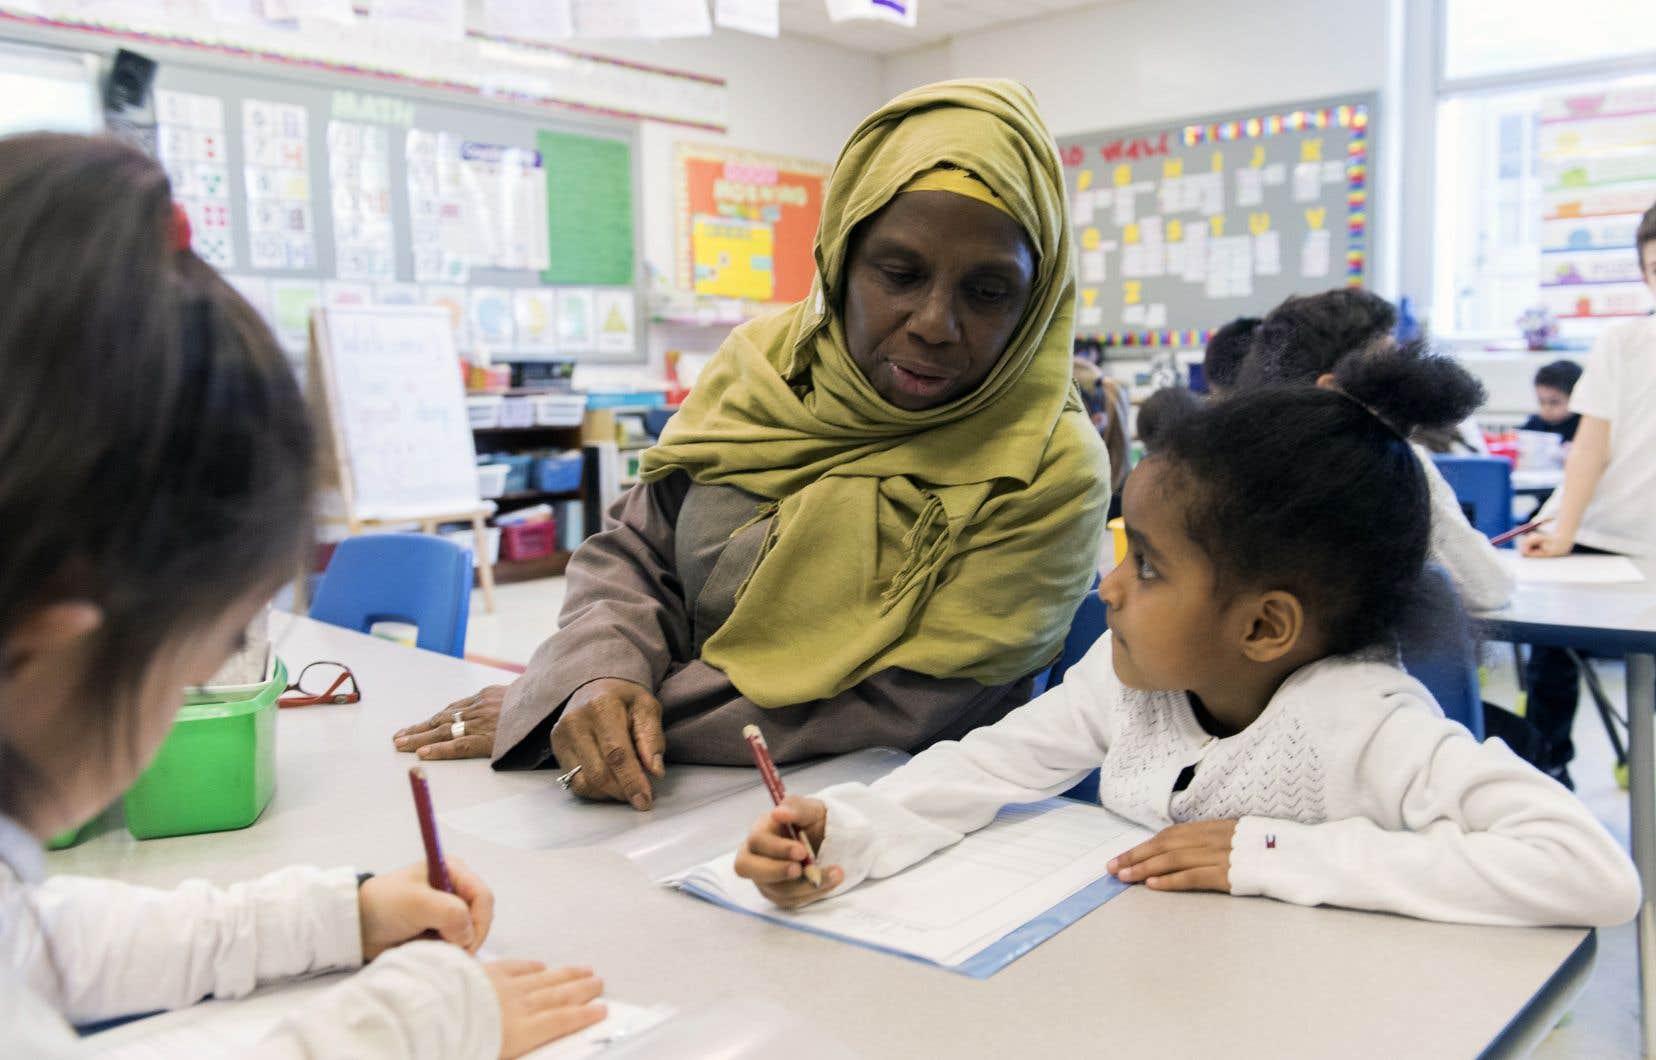 Le port de signes religieux, notamment le voile islamique, est en progression dans les écoles publiques de la région de Montréal, affirme l'auteur.